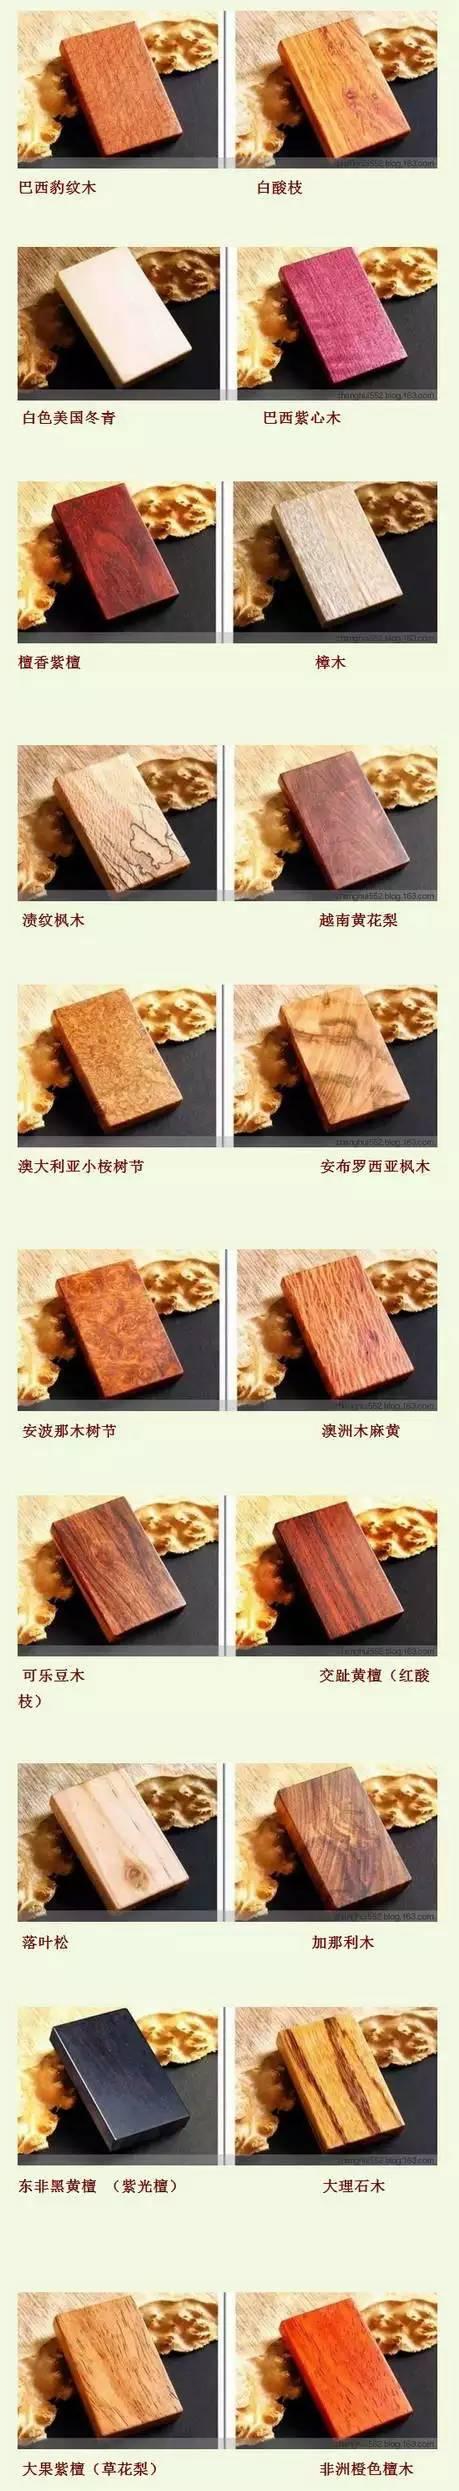 认不清是什么木头?60种木材图集让你秒懂! - 后花园网文 - 大杂烩